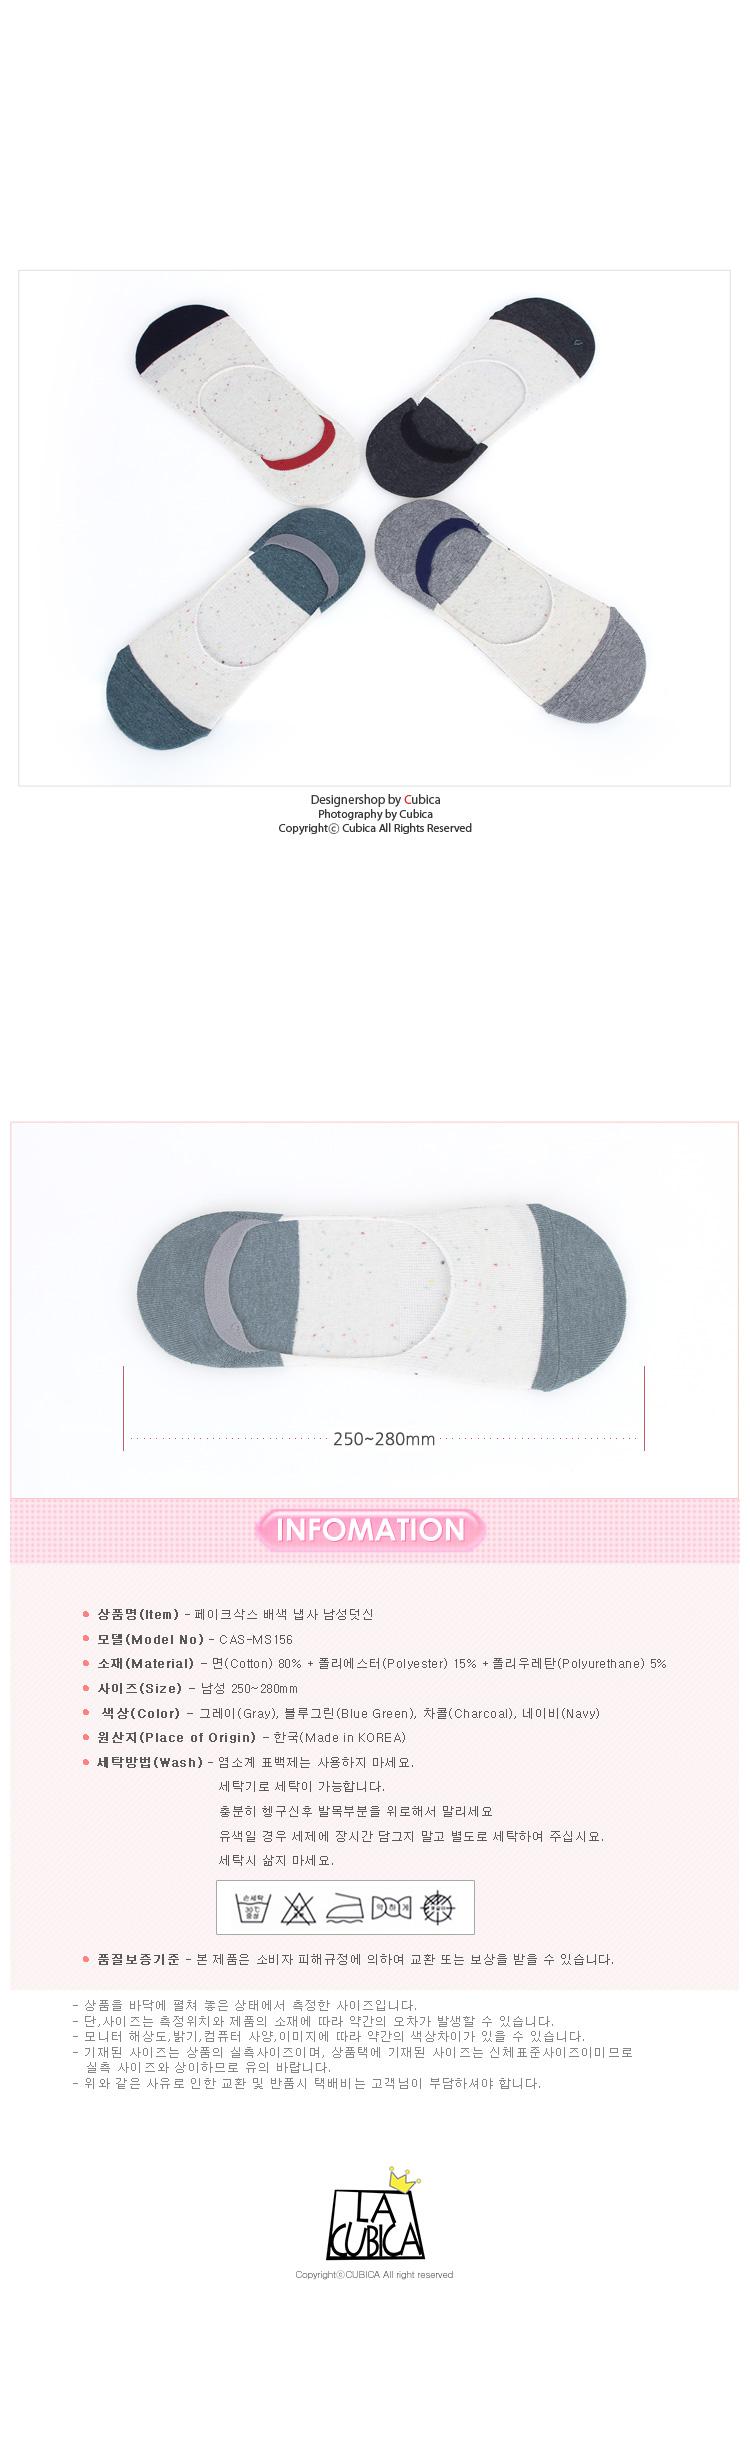 페이크삭스 배색 냅사 남성 덧신 - 쿠비카, 1,800원, 남성양말, 페이크삭스